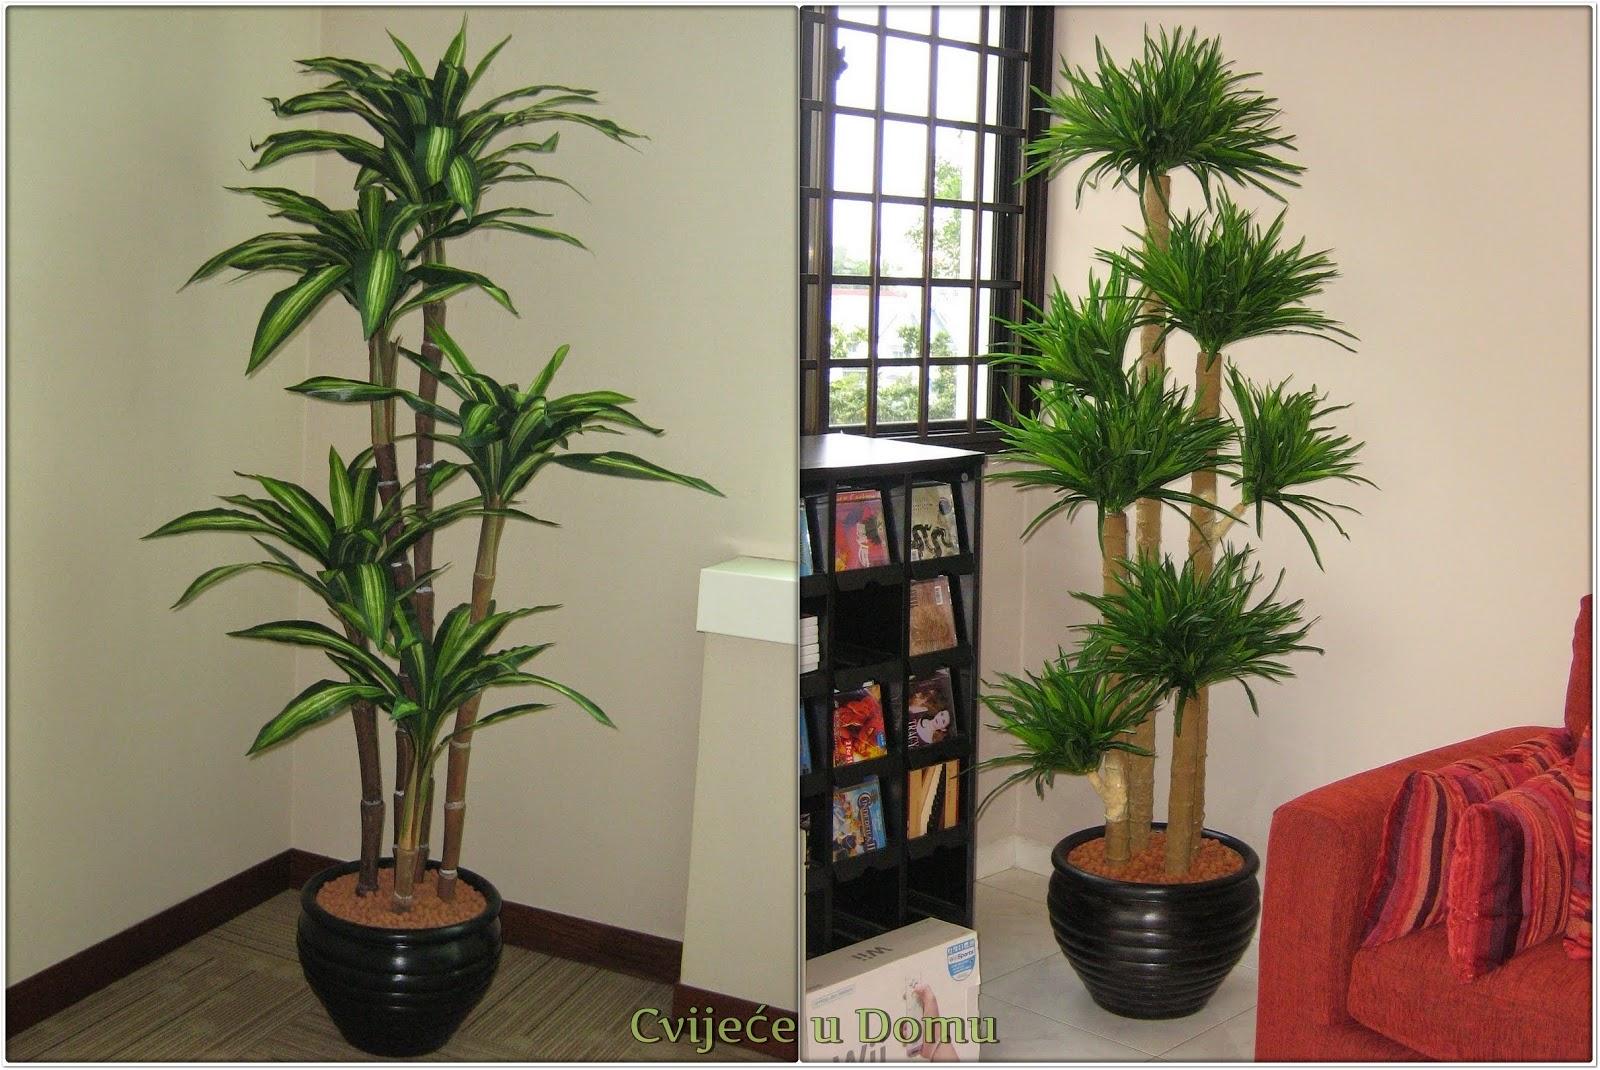 Koje sobne biljke držati u dnevnoj sobi? - Moj Vrt Cvijeća